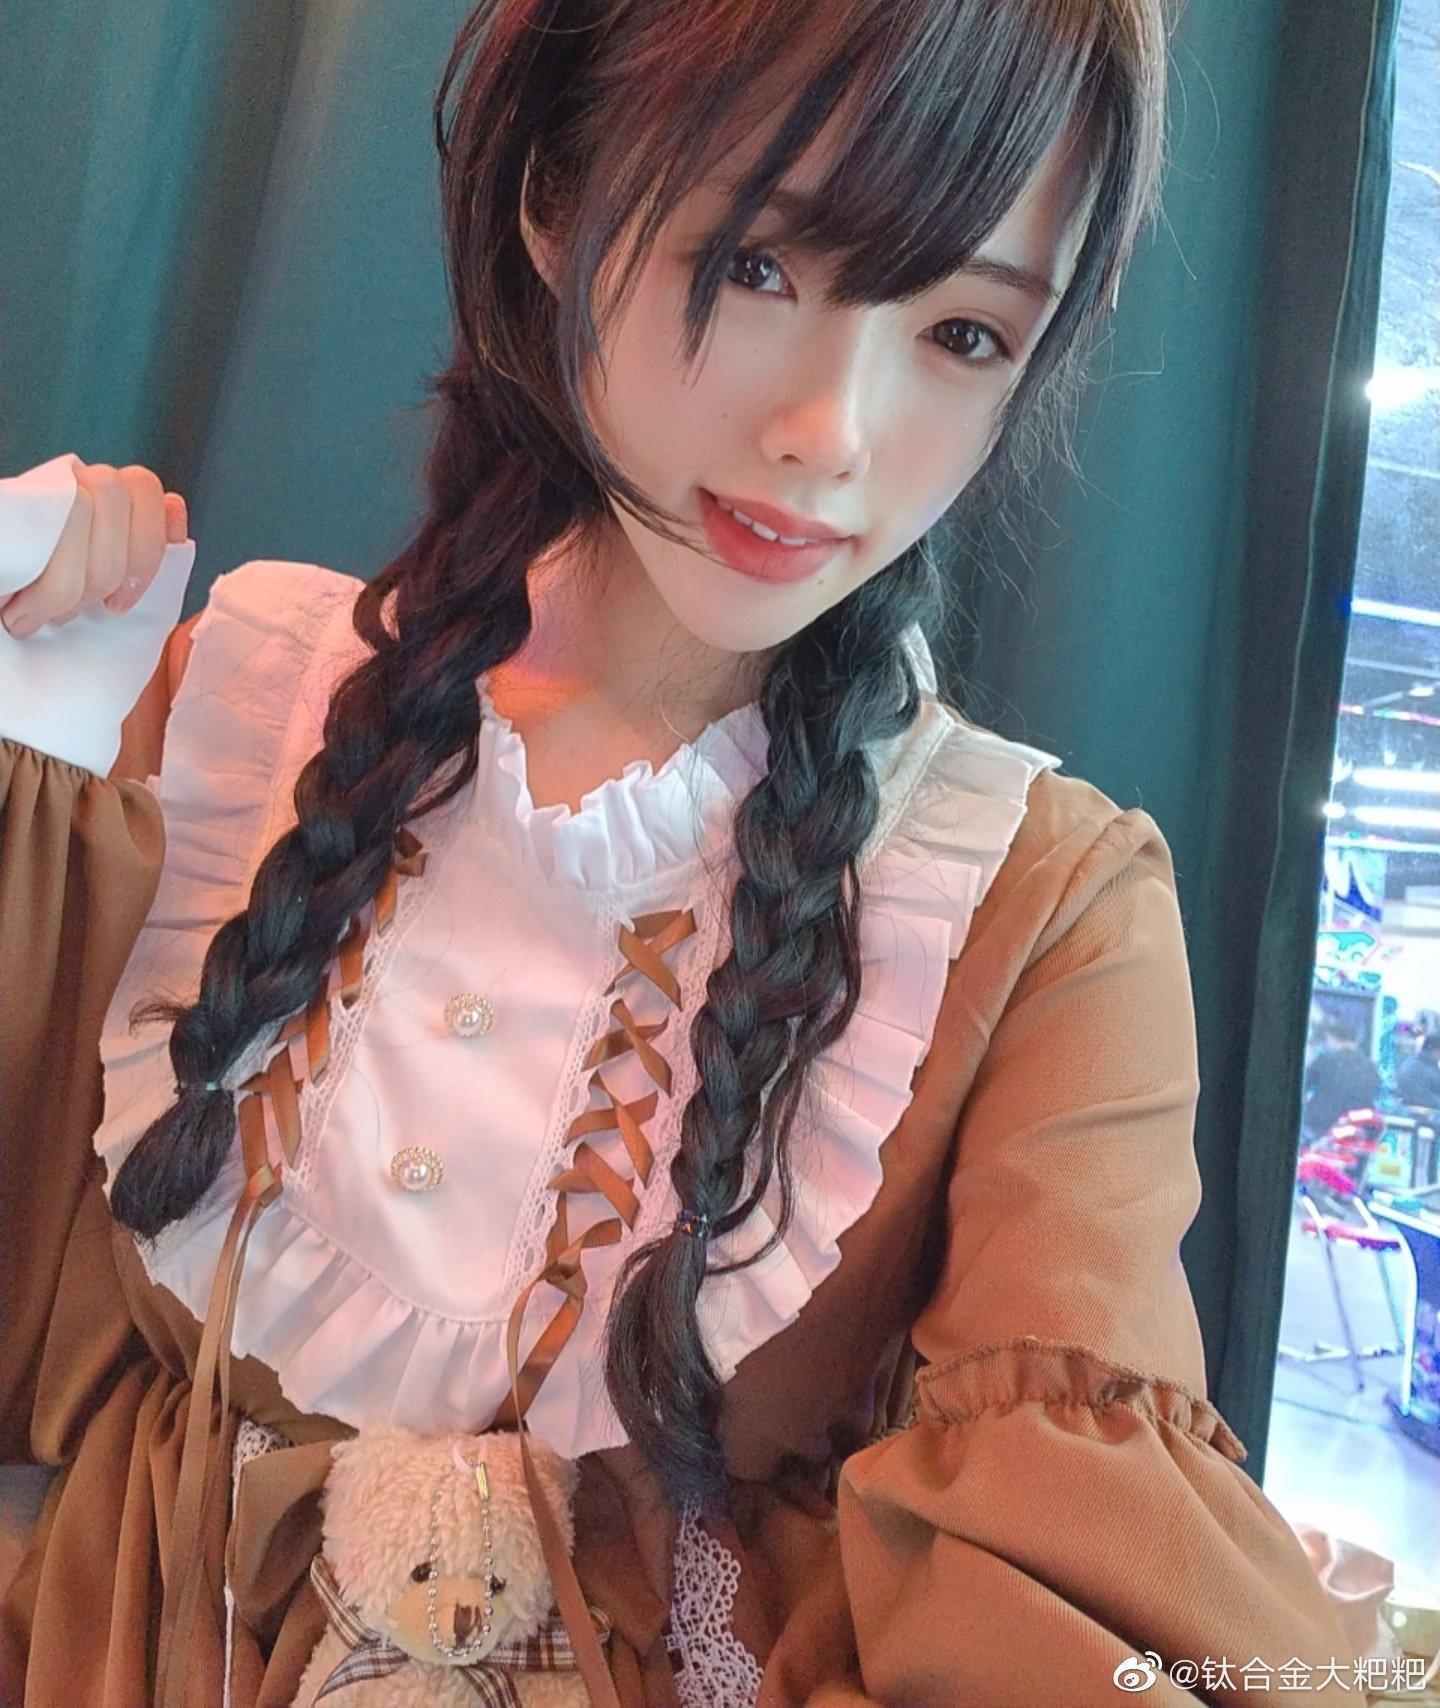 微博网红coser钛合金大粑粑,随便一张cosplay图片都激起你的浓厚兴趣!-新图包